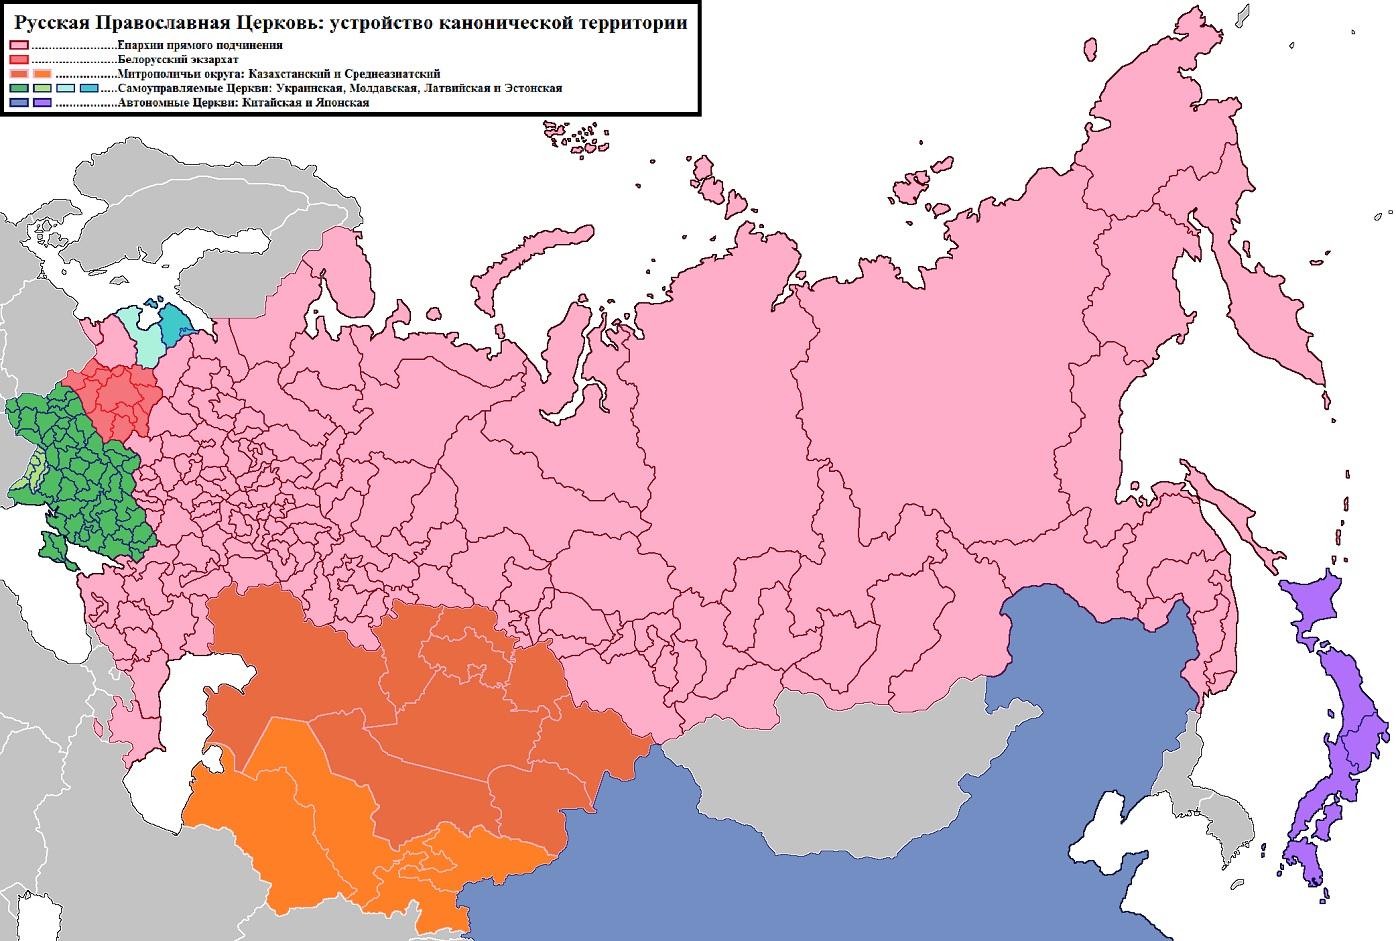 Каноническая территория РПЦ